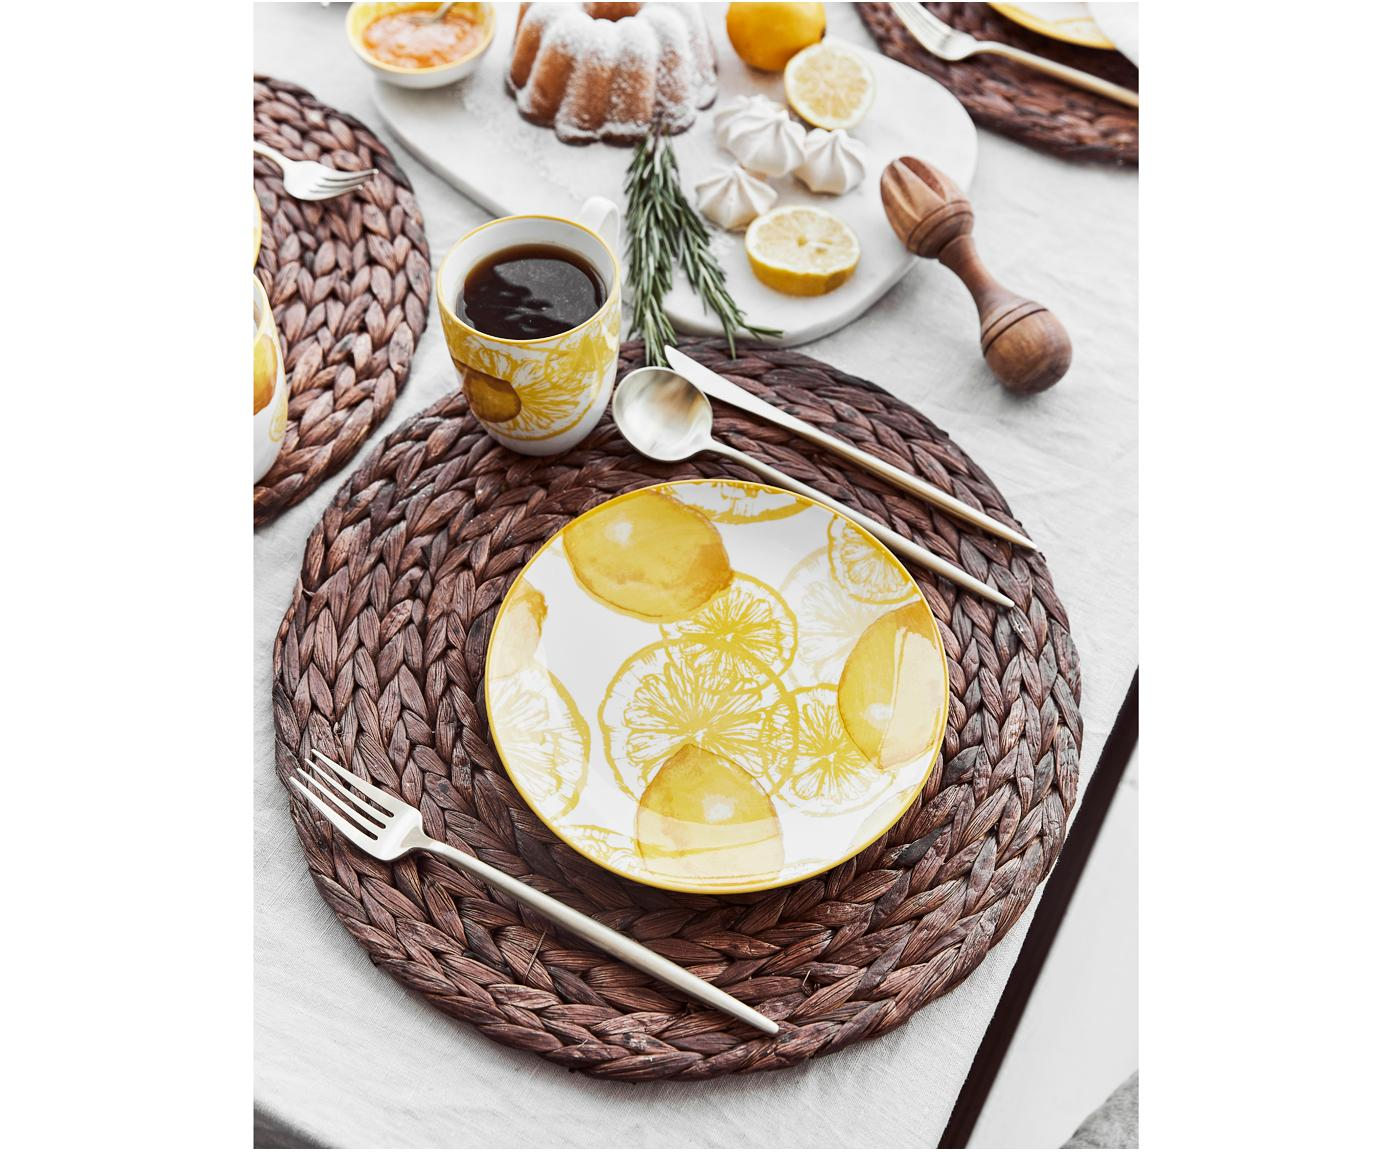 Dessertteller Lemon mit Zitronen-Motiv, 2 Stück, Porzellan, Weiß, Gelb, Ø 20 cm